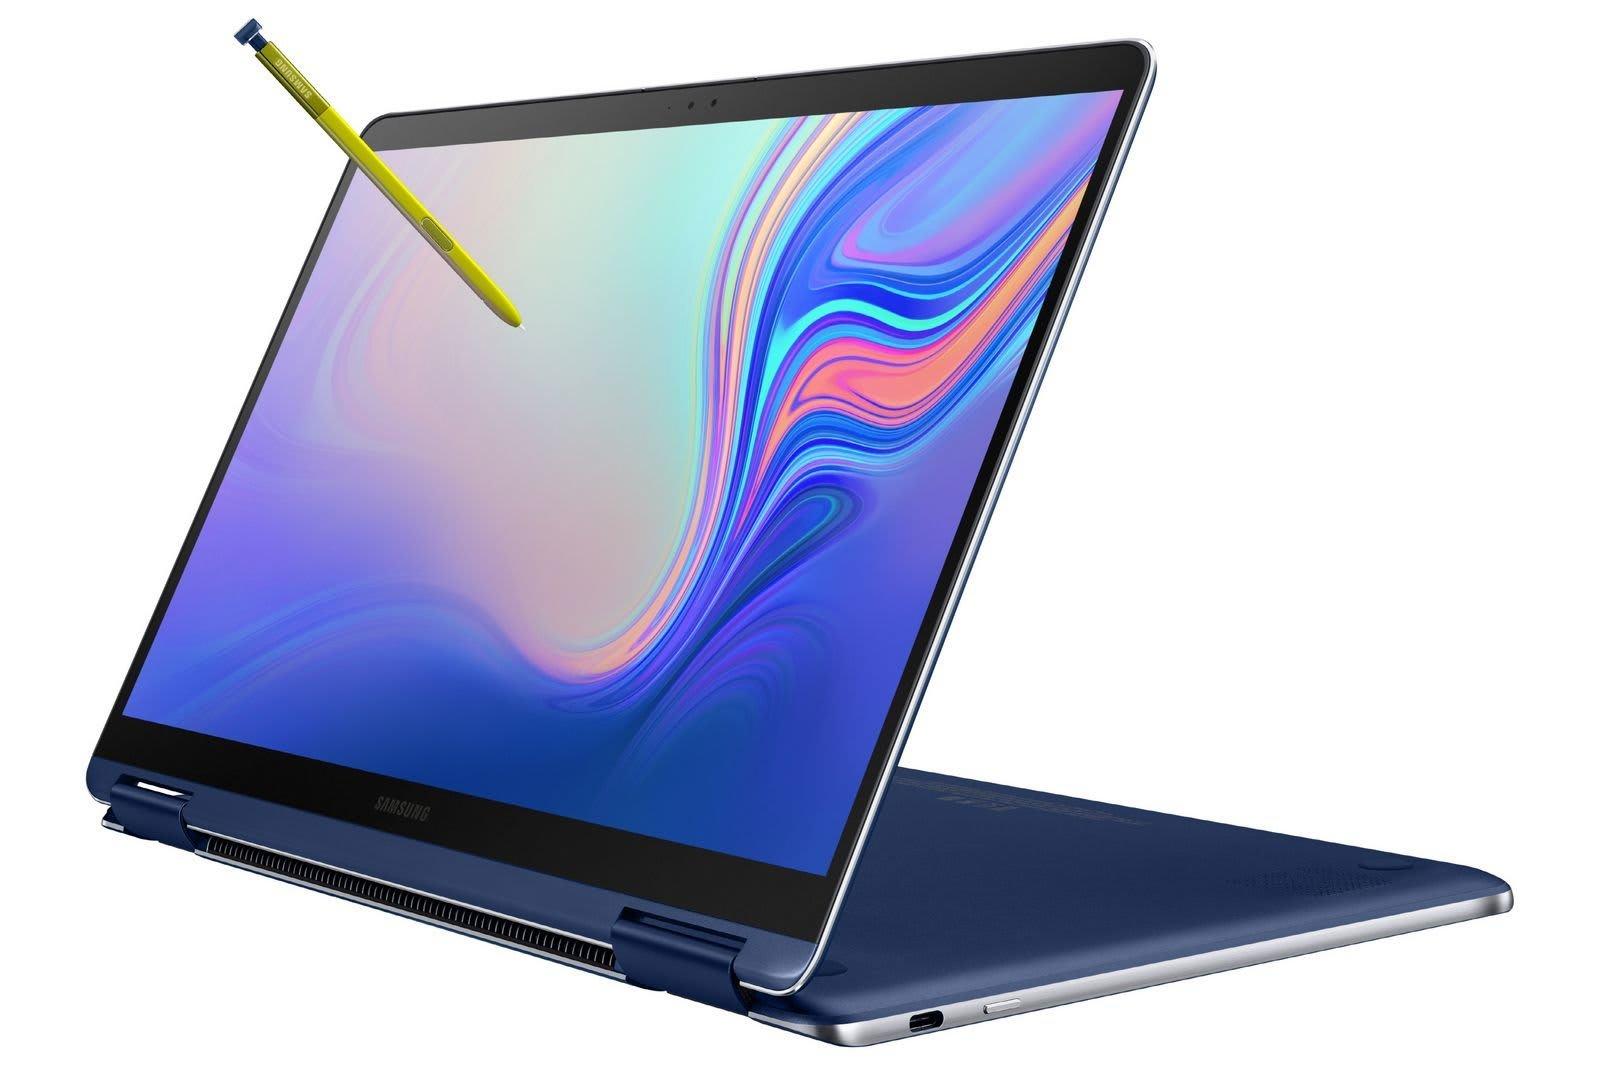 Samsung Noetbook 9 Pen